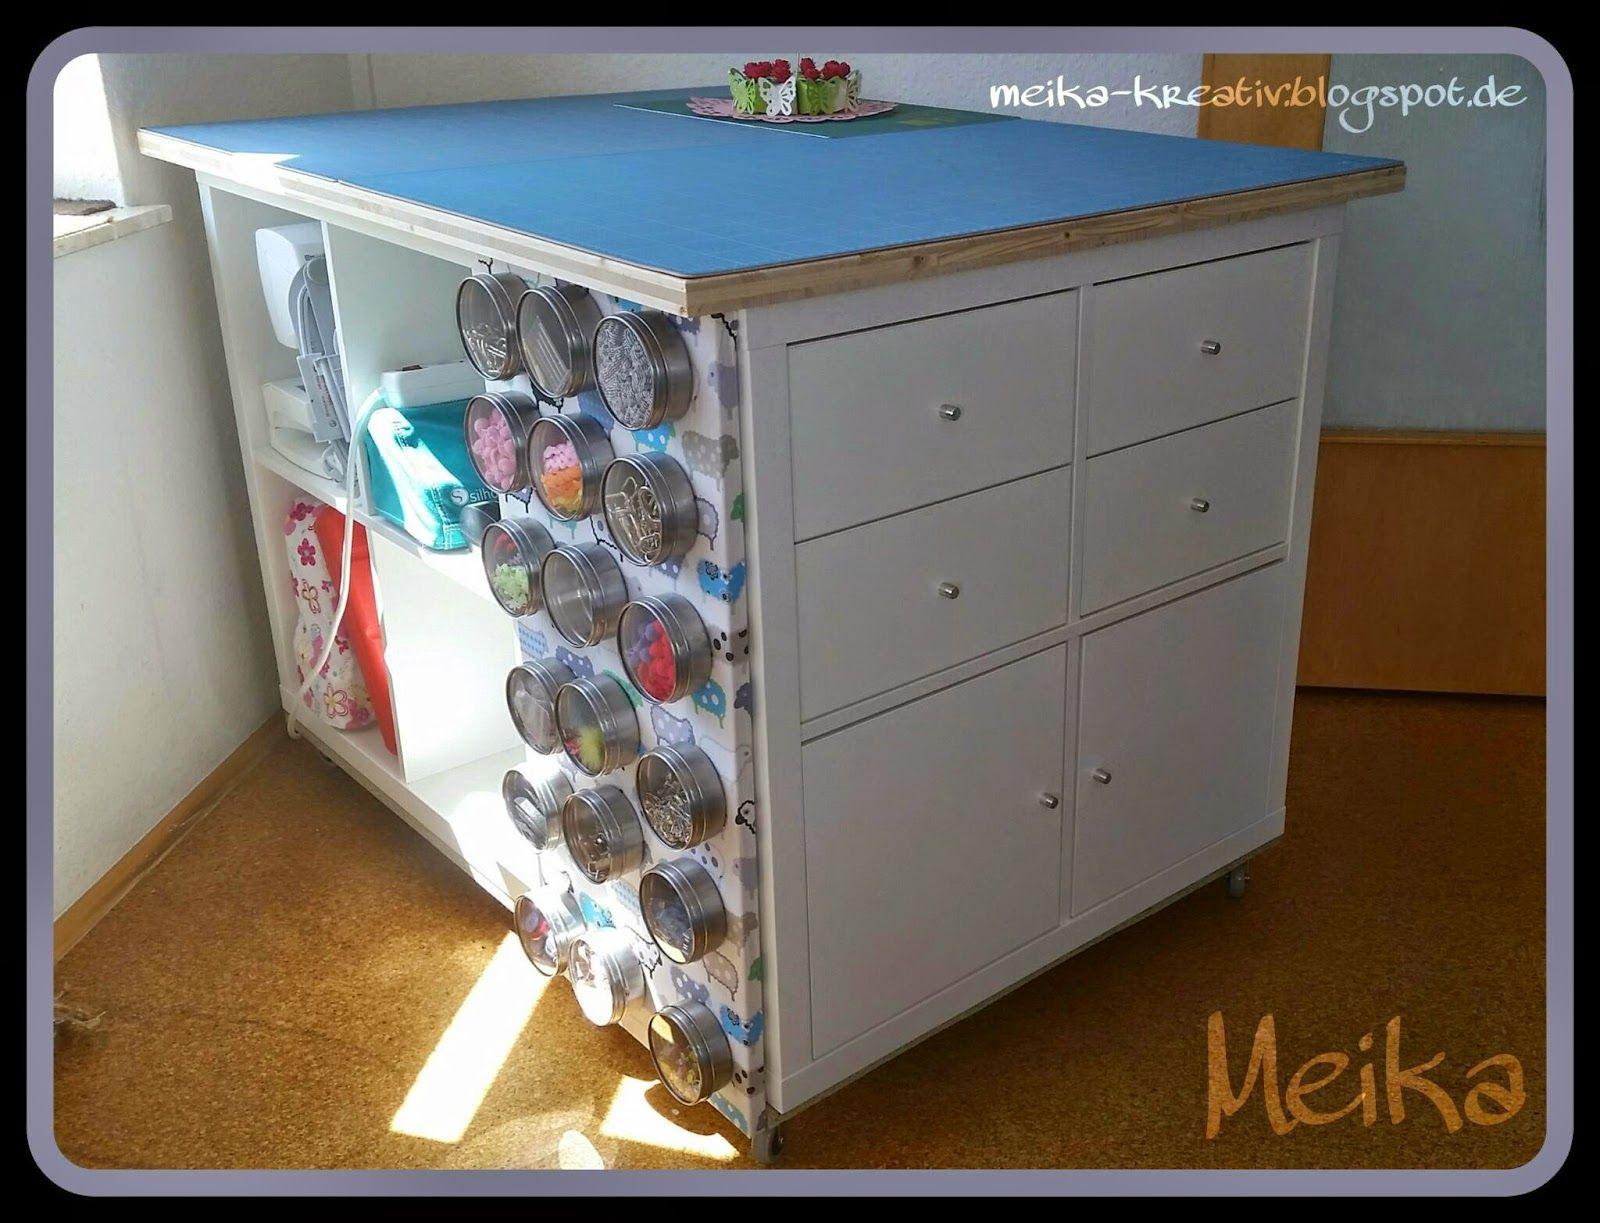 schon seit ewigen zeiten bewundere ich immer wieder die selbst gebauten zuschneidetische im. Black Bedroom Furniture Sets. Home Design Ideas